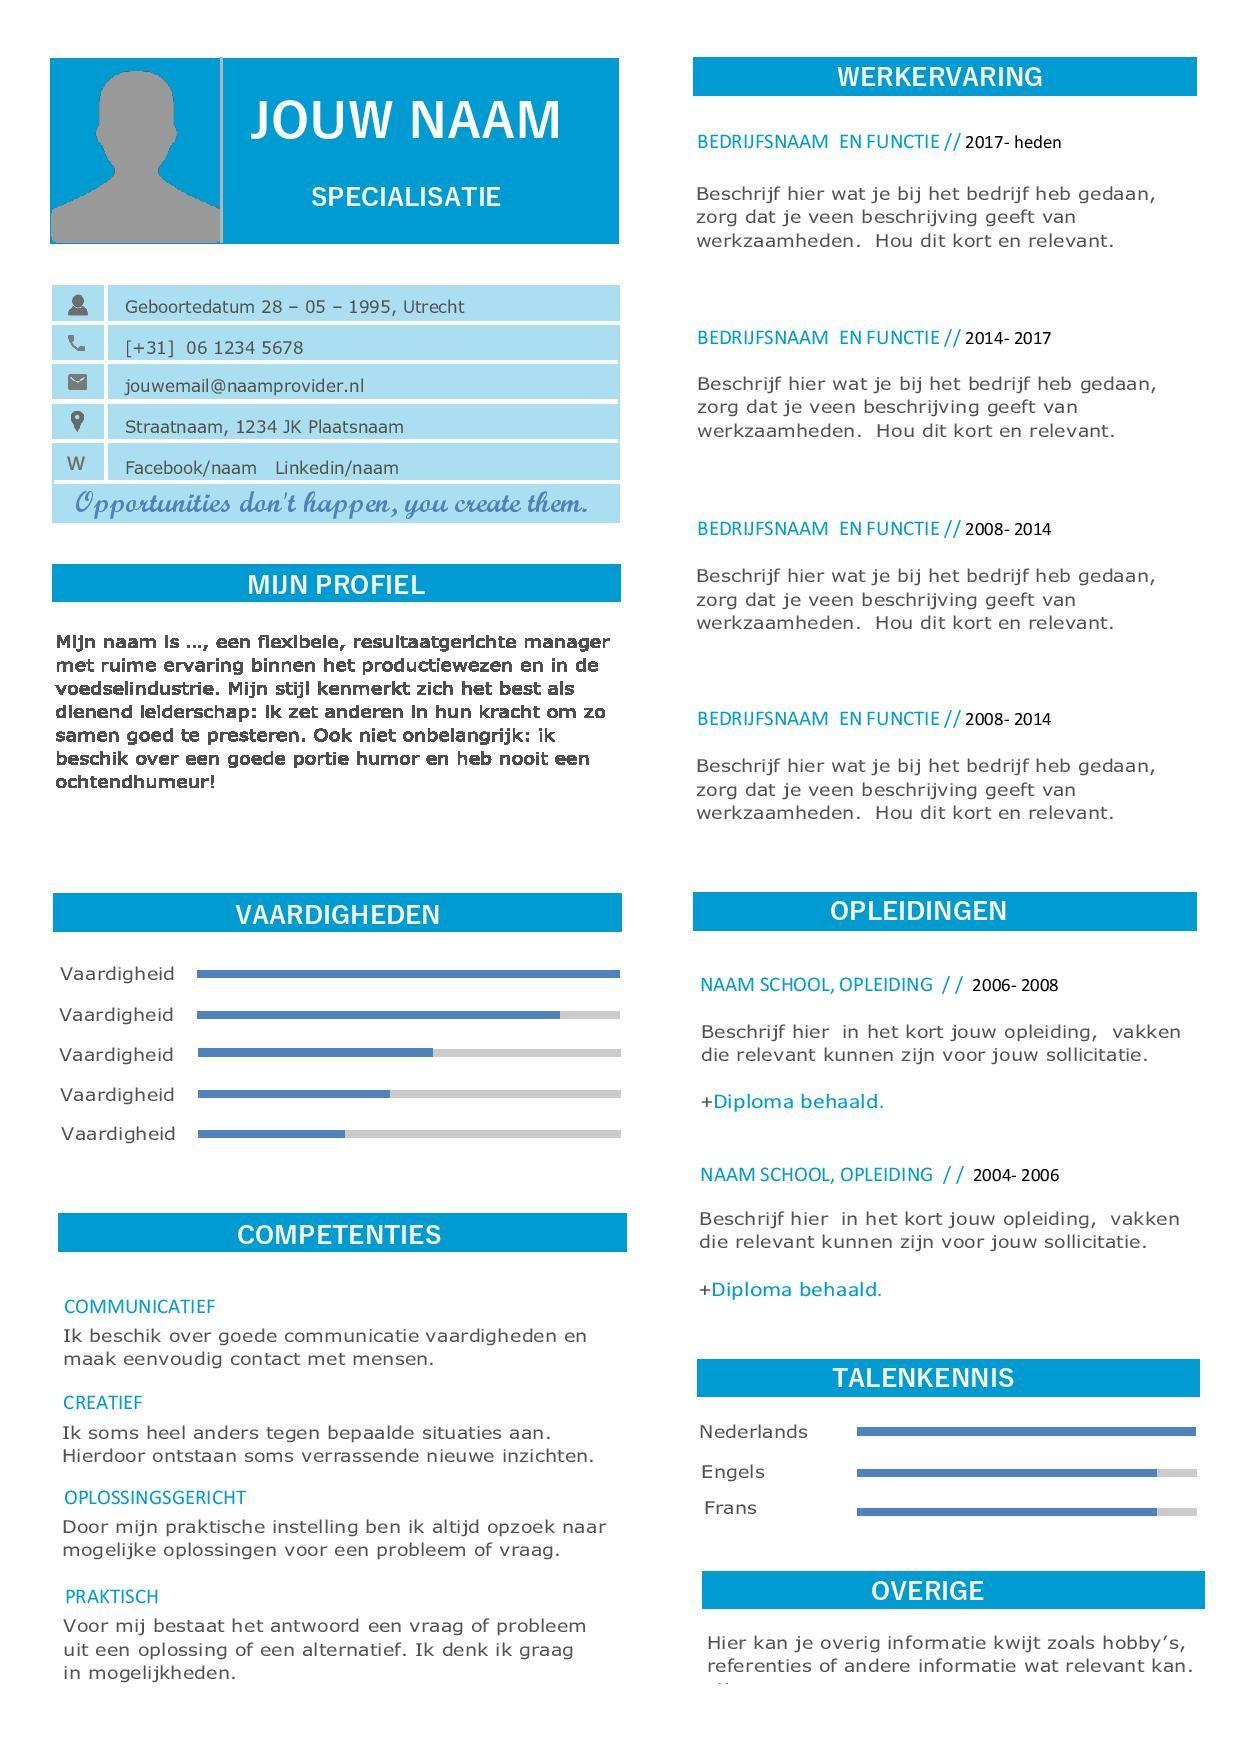 Trek de aandacht van de recruiter met dit professionele CV